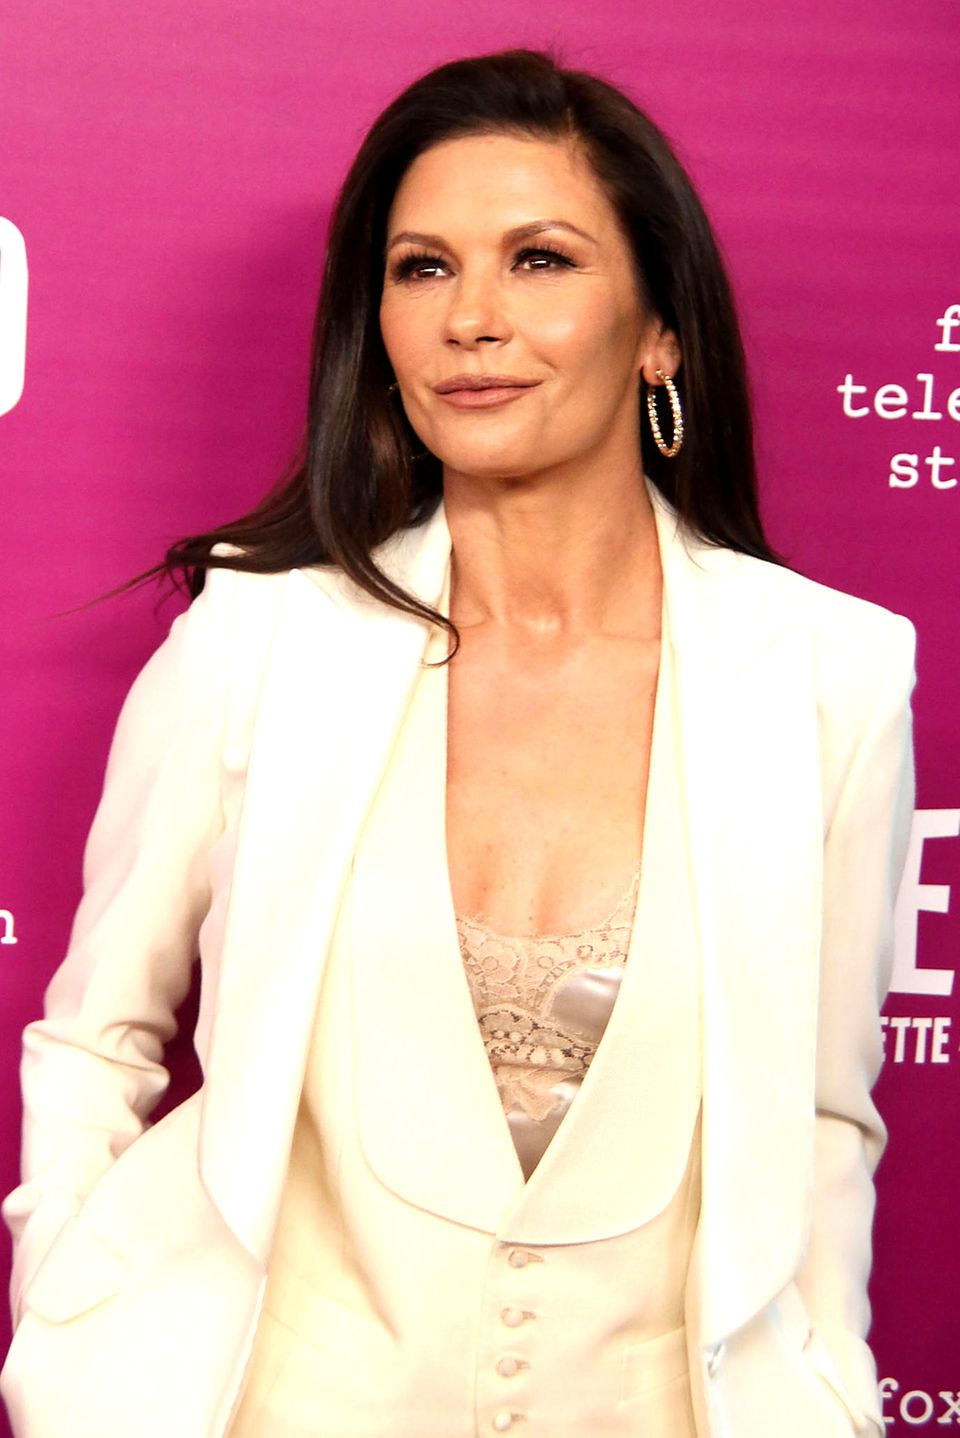 Ganz schön wandelbar ist sie: Bei der Schauspielerin handelt es sich um keine geringere als Catherine Zeta-Jones.